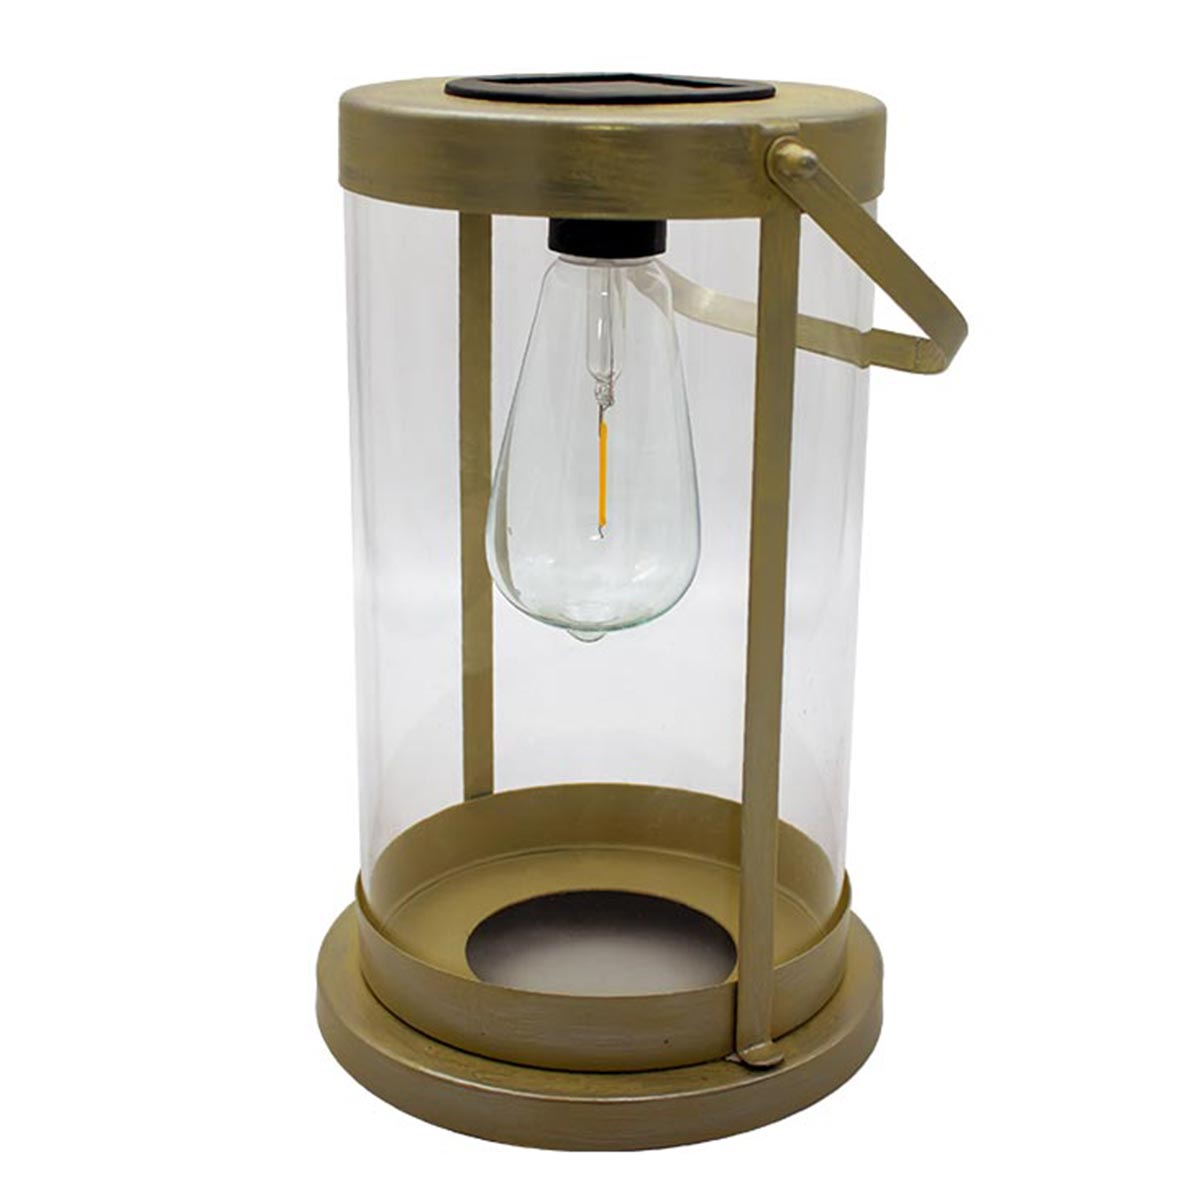 FORUM-Lanterne solaire sans fil acier beige H38cm